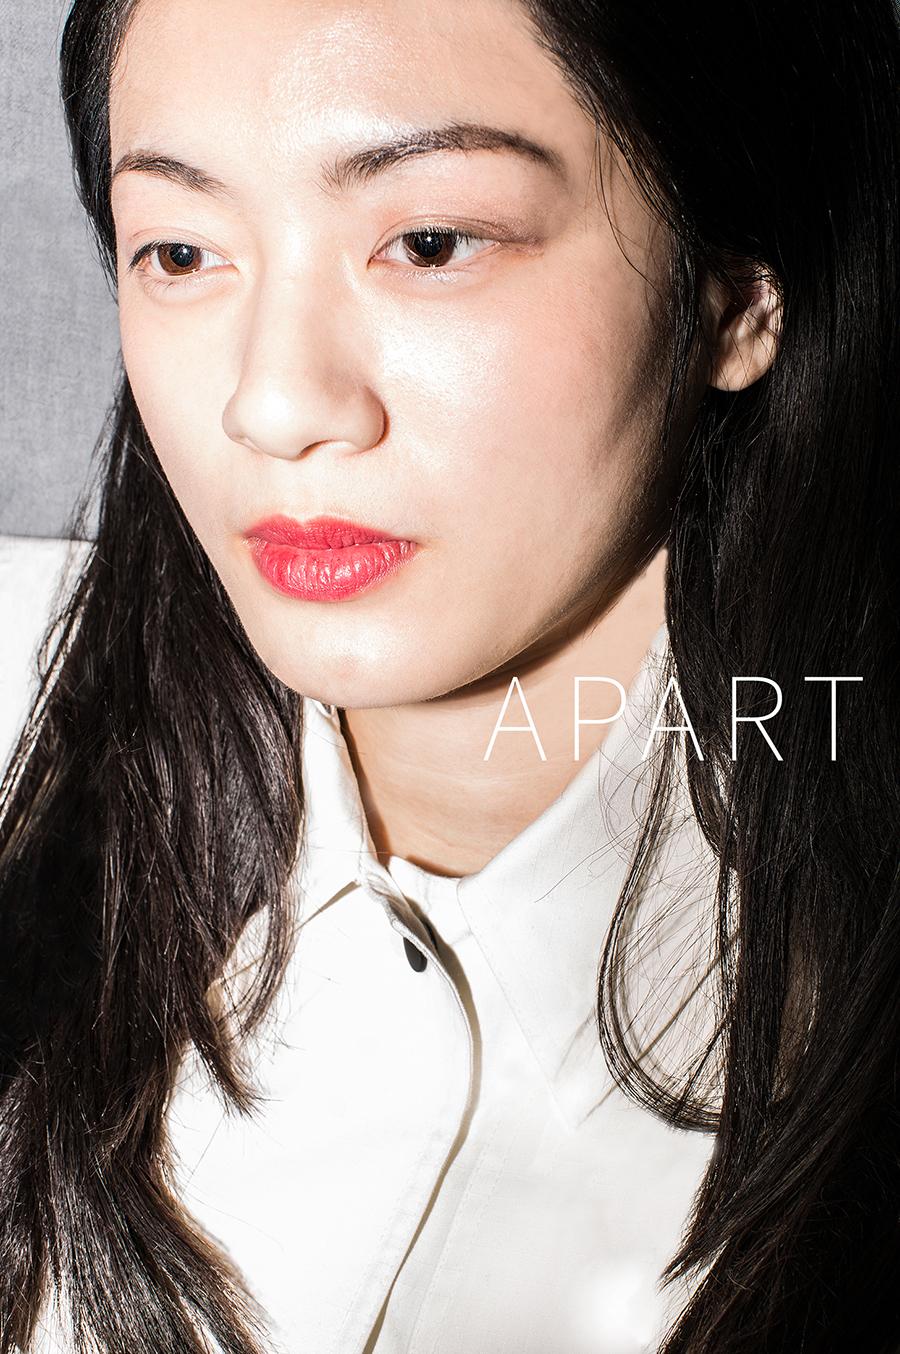 JINGWEN_FELIX_QIANG_APART_PHOTOGRAPHY_FASHION_ADVERTISEMENT_YOUNG_WOMEN_MINIMALISM_URBAN_asian_market